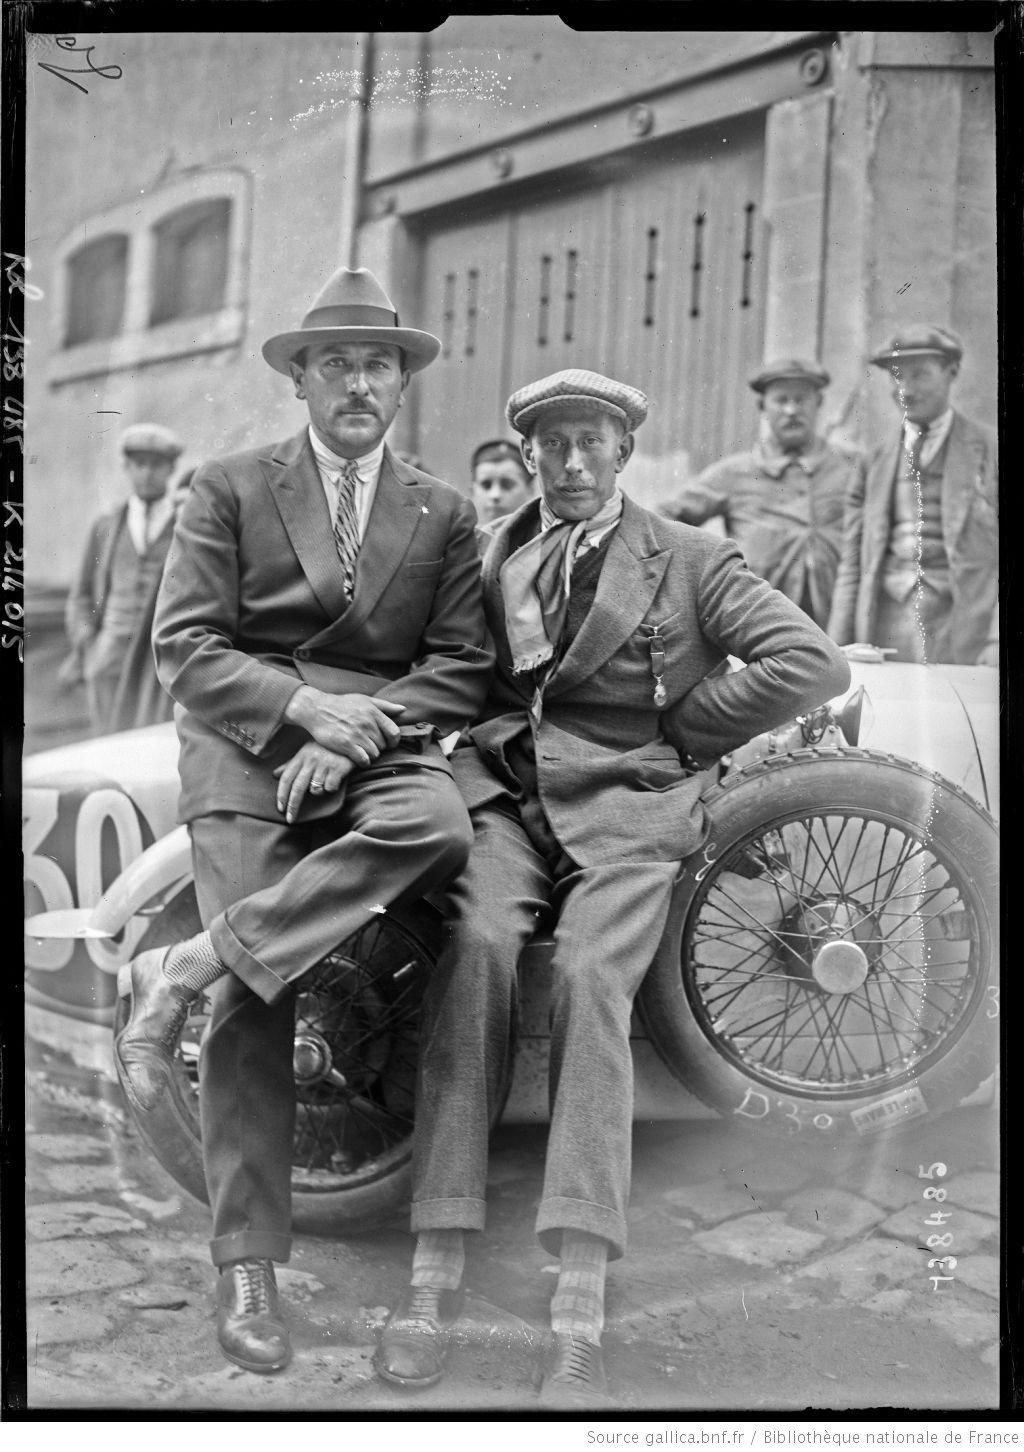 [De gauche à droite, Michel] Doré, [Jean] Treunet sur BNC [coureurs automobiles français, au pesage des 24 h du Mans, le 130629]  [photographie de presse]  [Agence Rol].